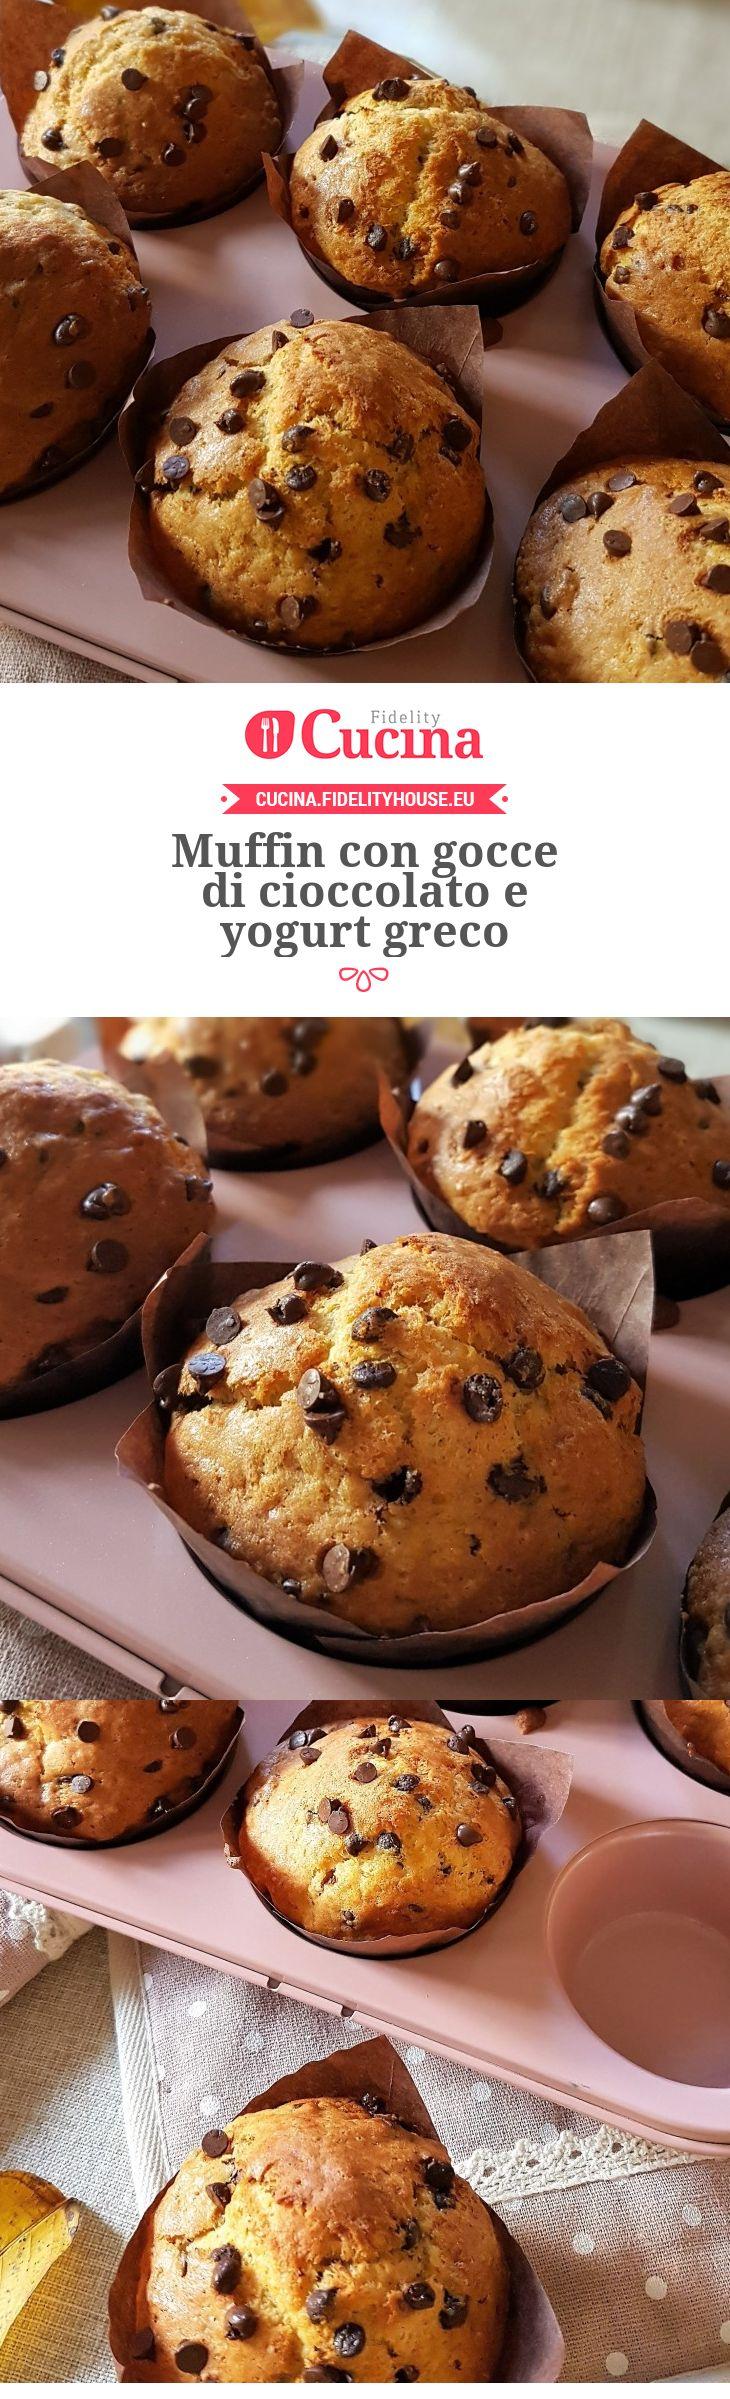 Muffin con gocce di cioccolato e yogurt greco della nostra utente Grazia. Unisciti alla nostra Community ed invia le tue ricette!